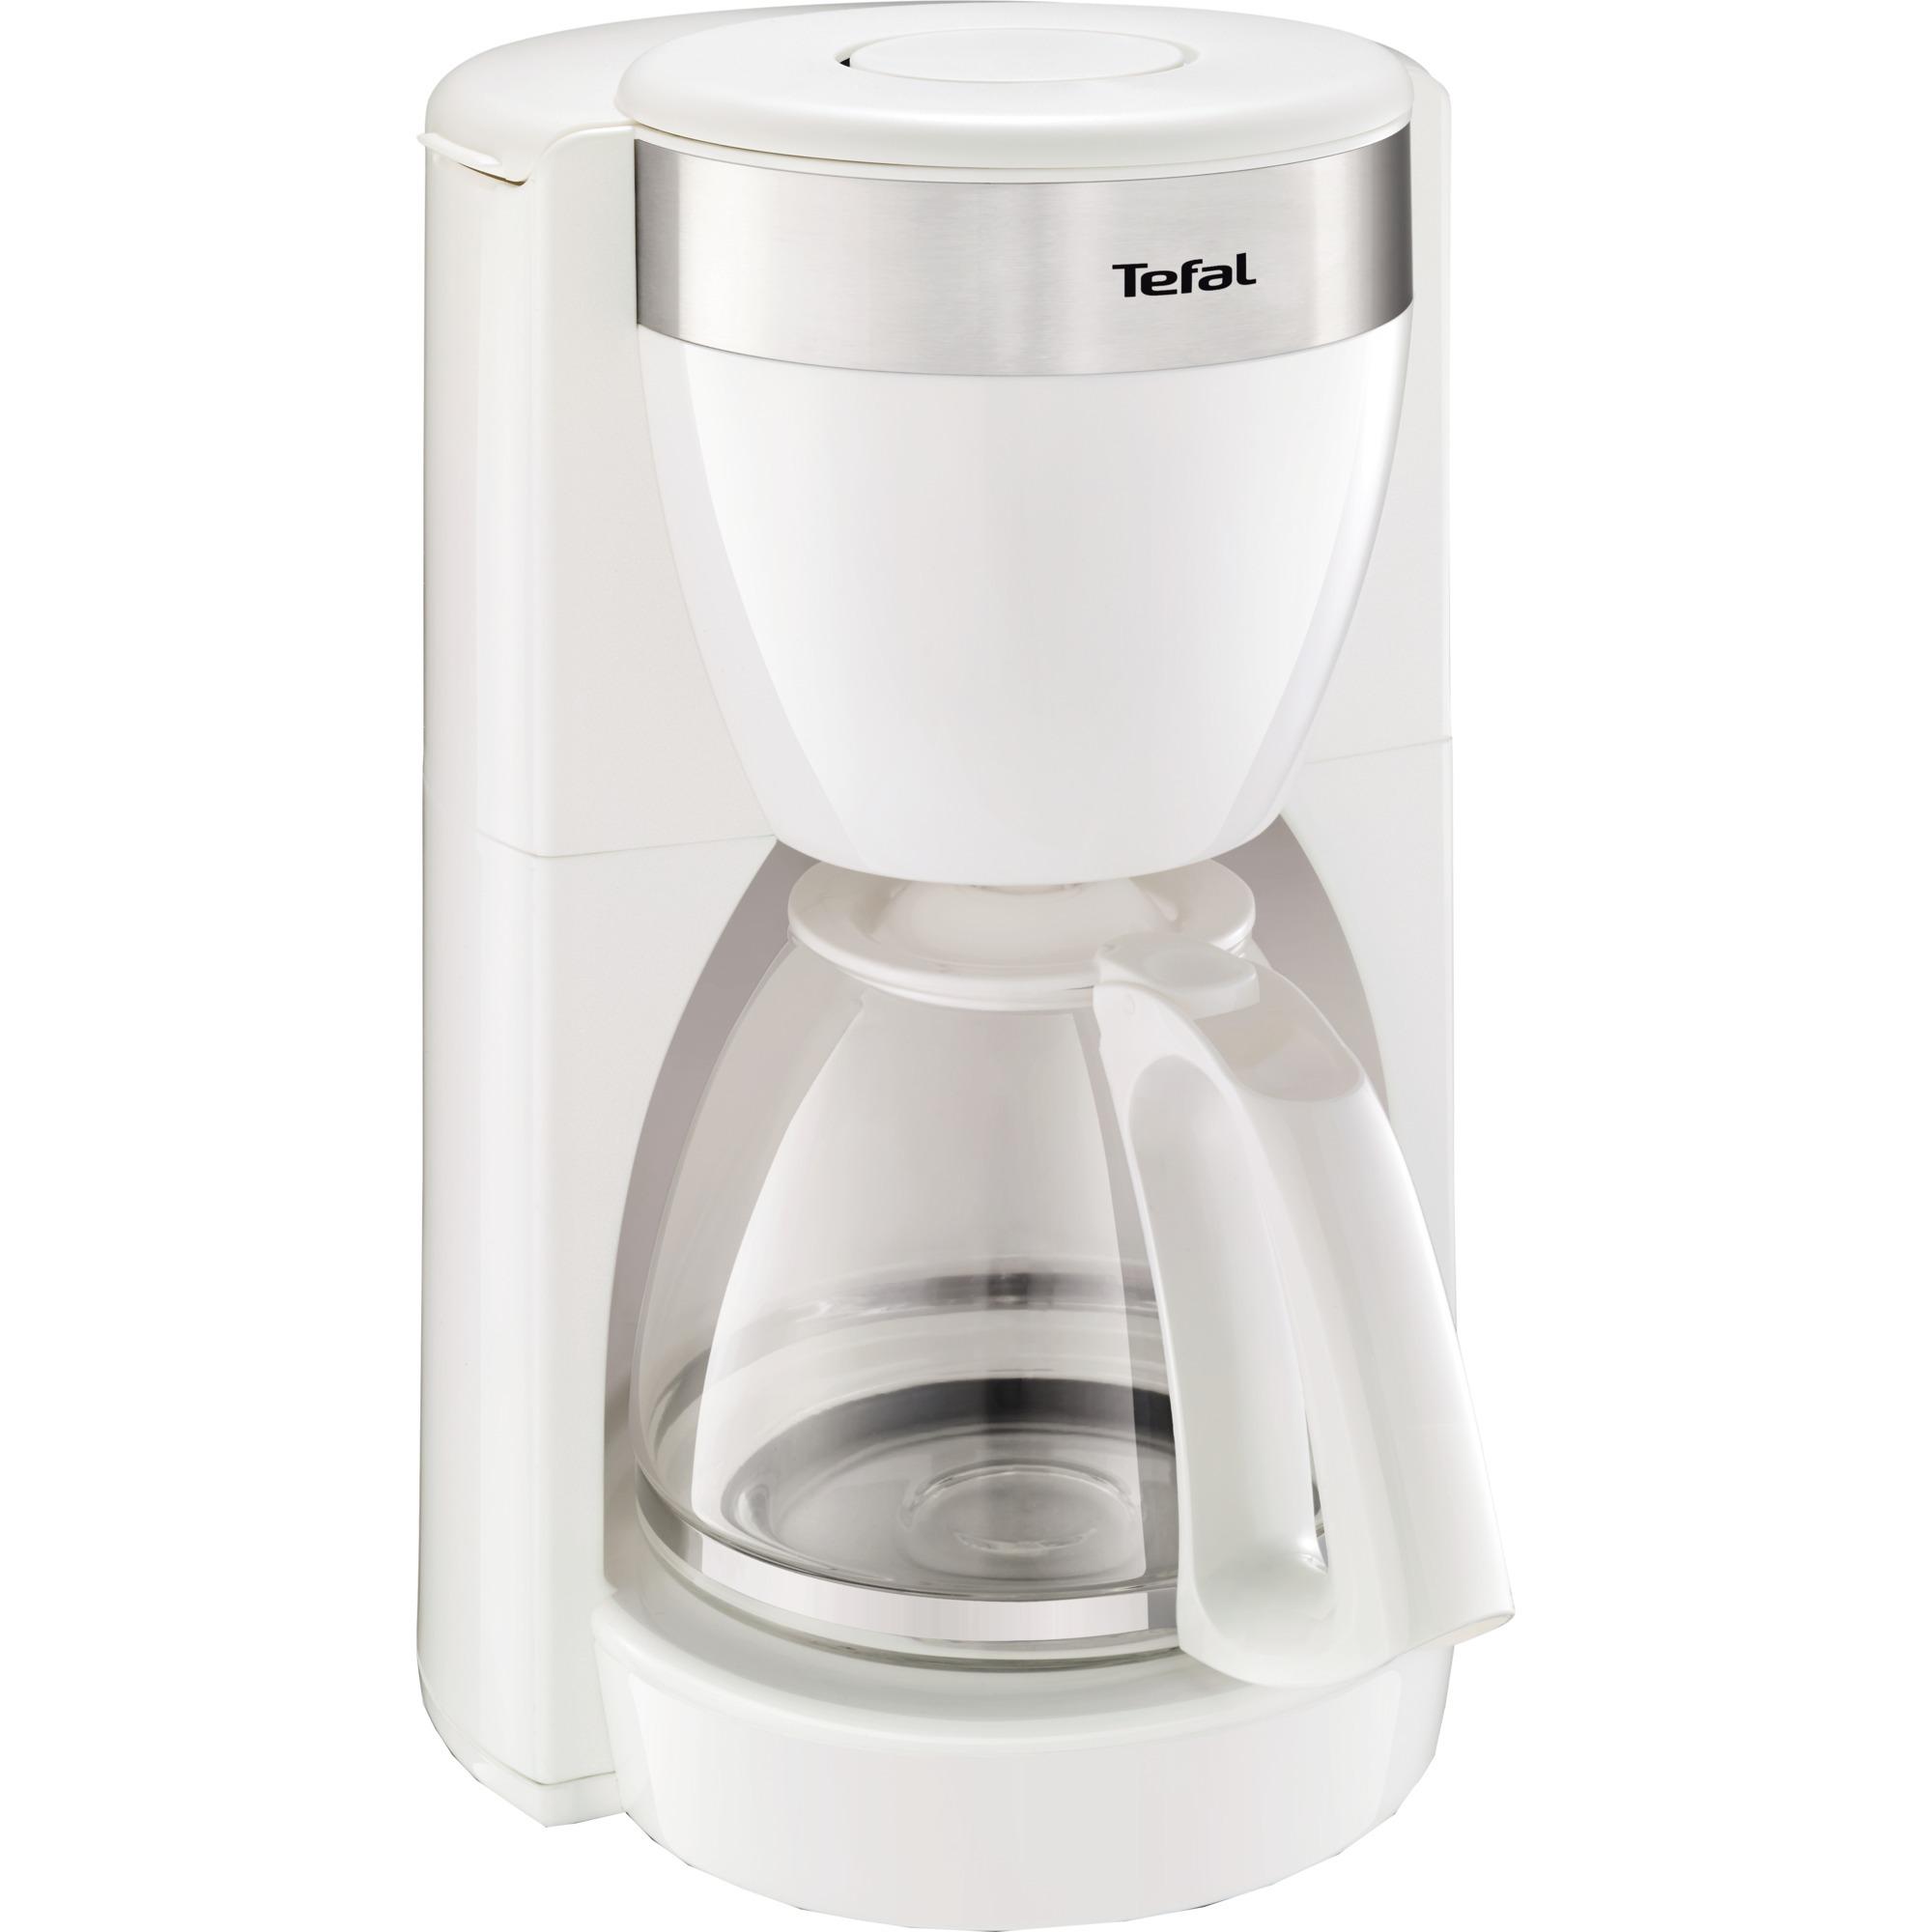 CM 1801 Independiente Cafetera de filtro 1.25L 15tazas Acero inoxidable, Color blanco cafetera eléctrica